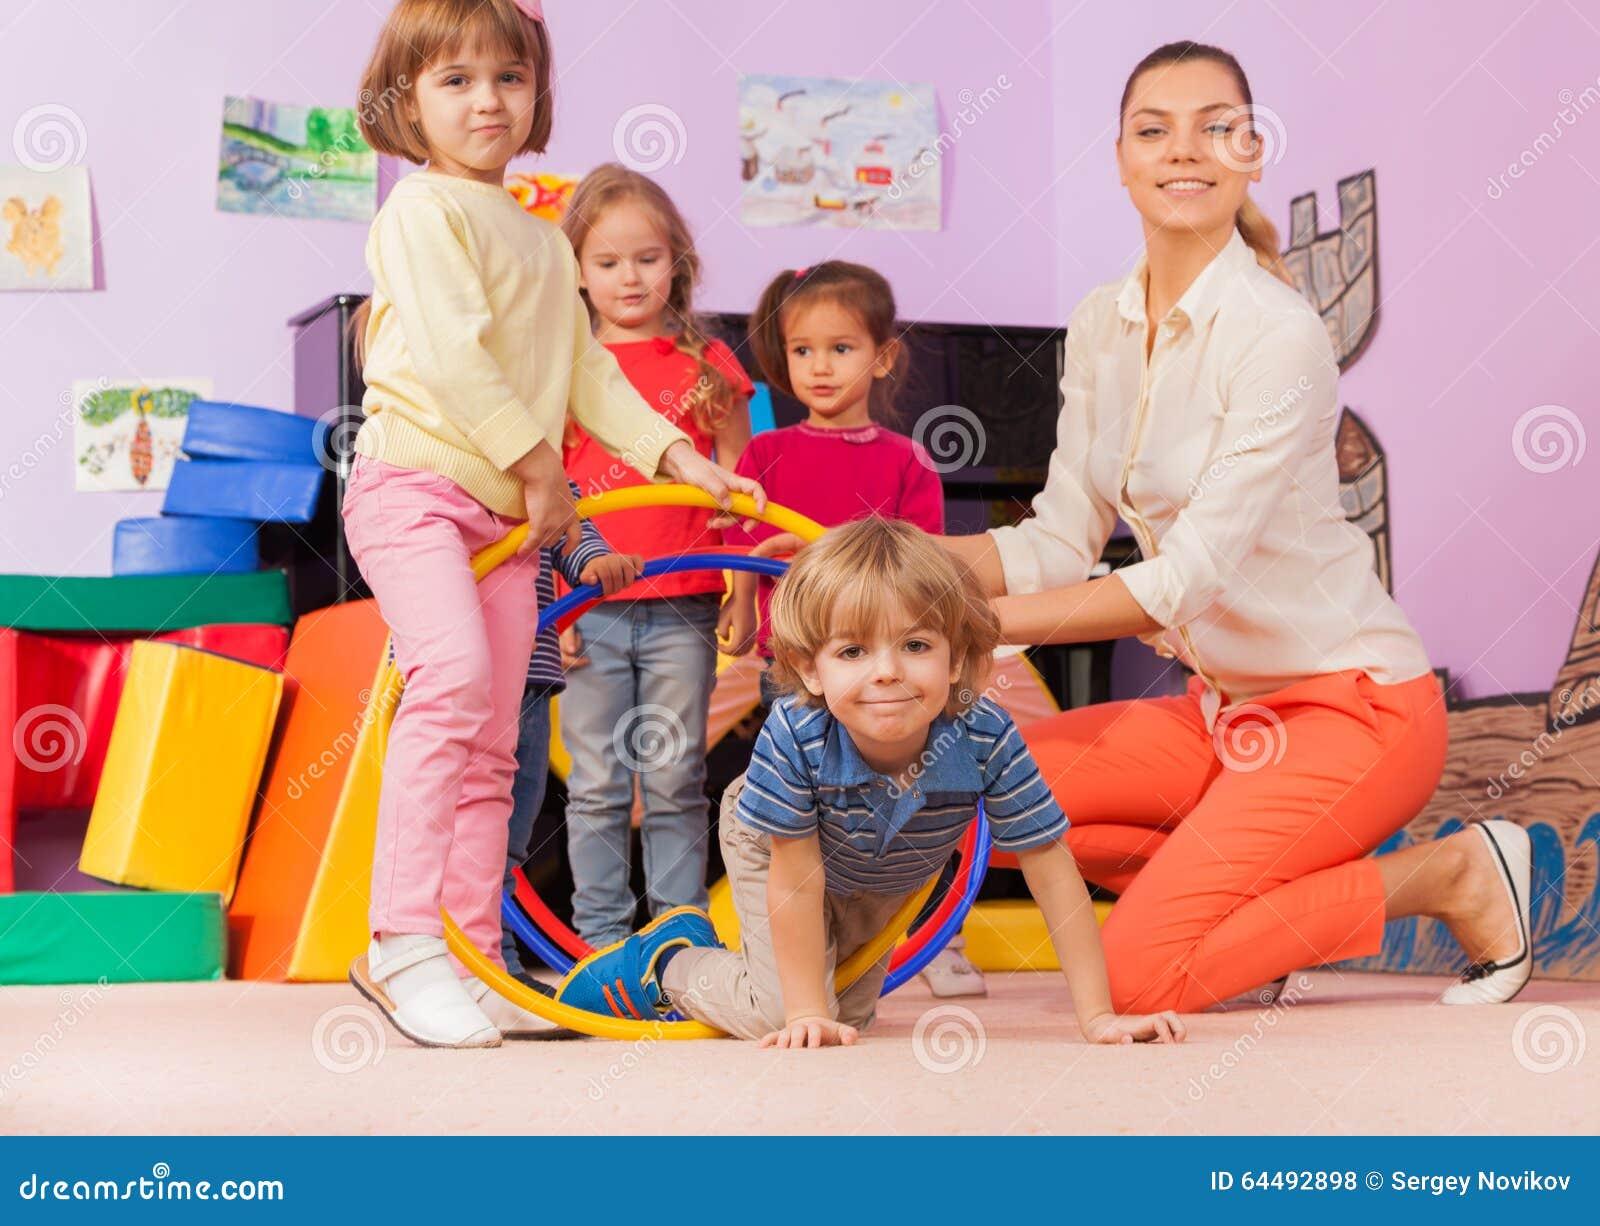 Läraren ungar i dagislek spelar med beslaget